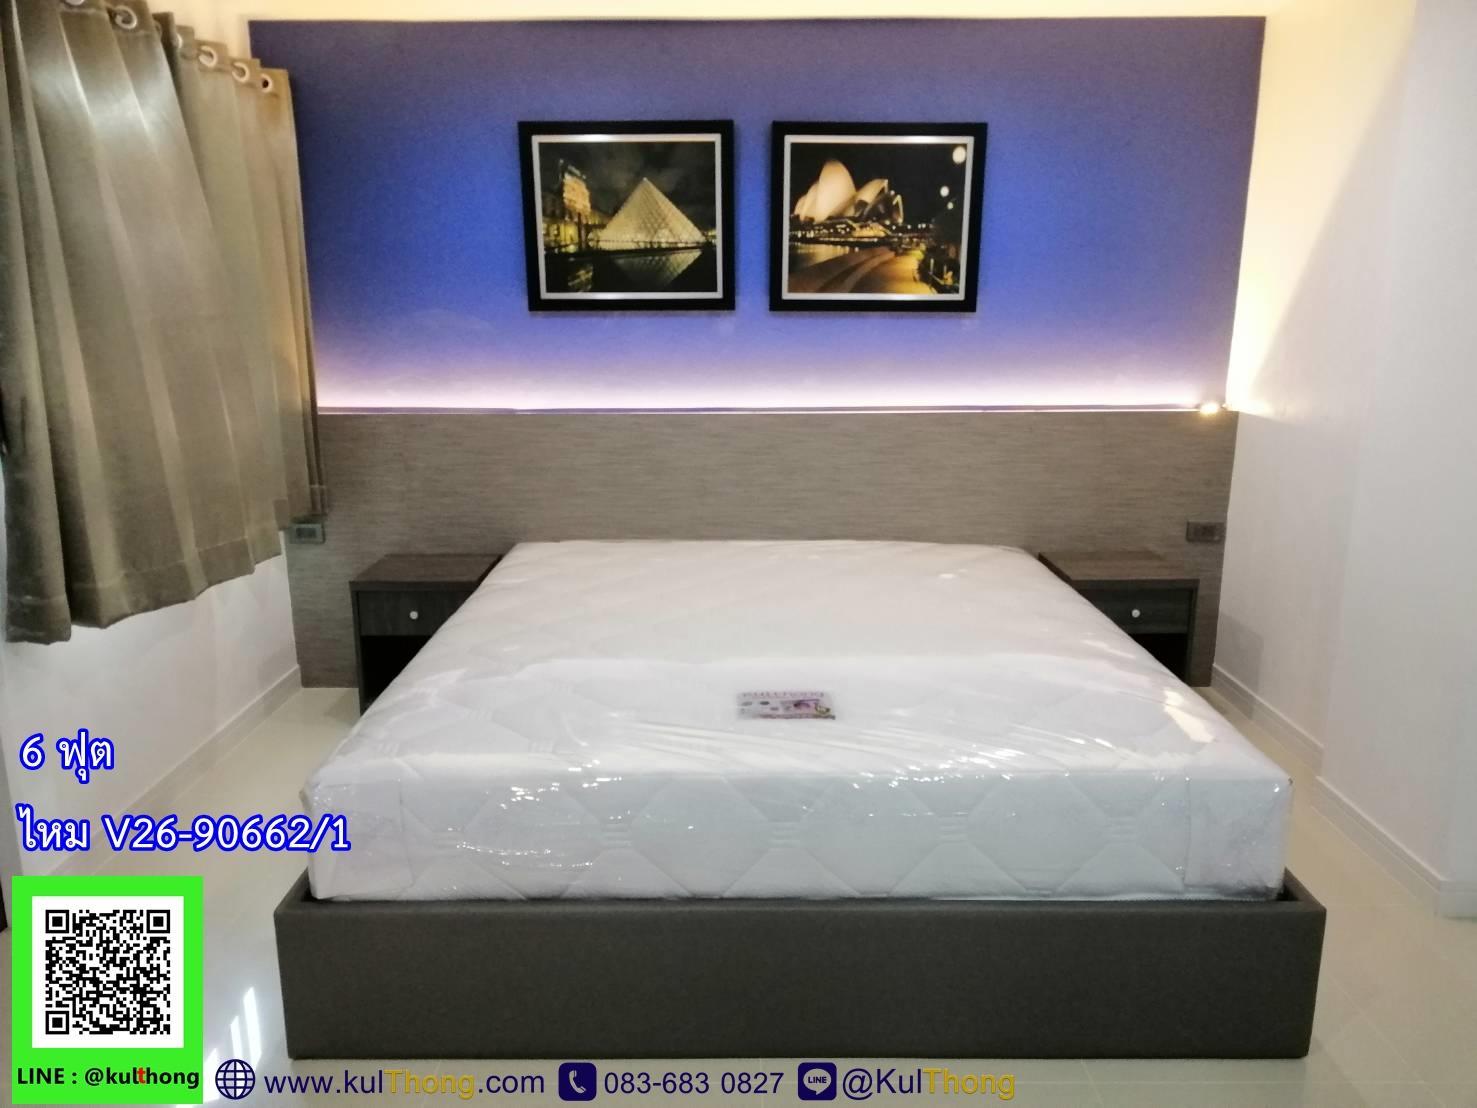 เตียงคอนโด เตียงห้องเช่า ฐานรองที่นอน เตียงหุ้มหนัง